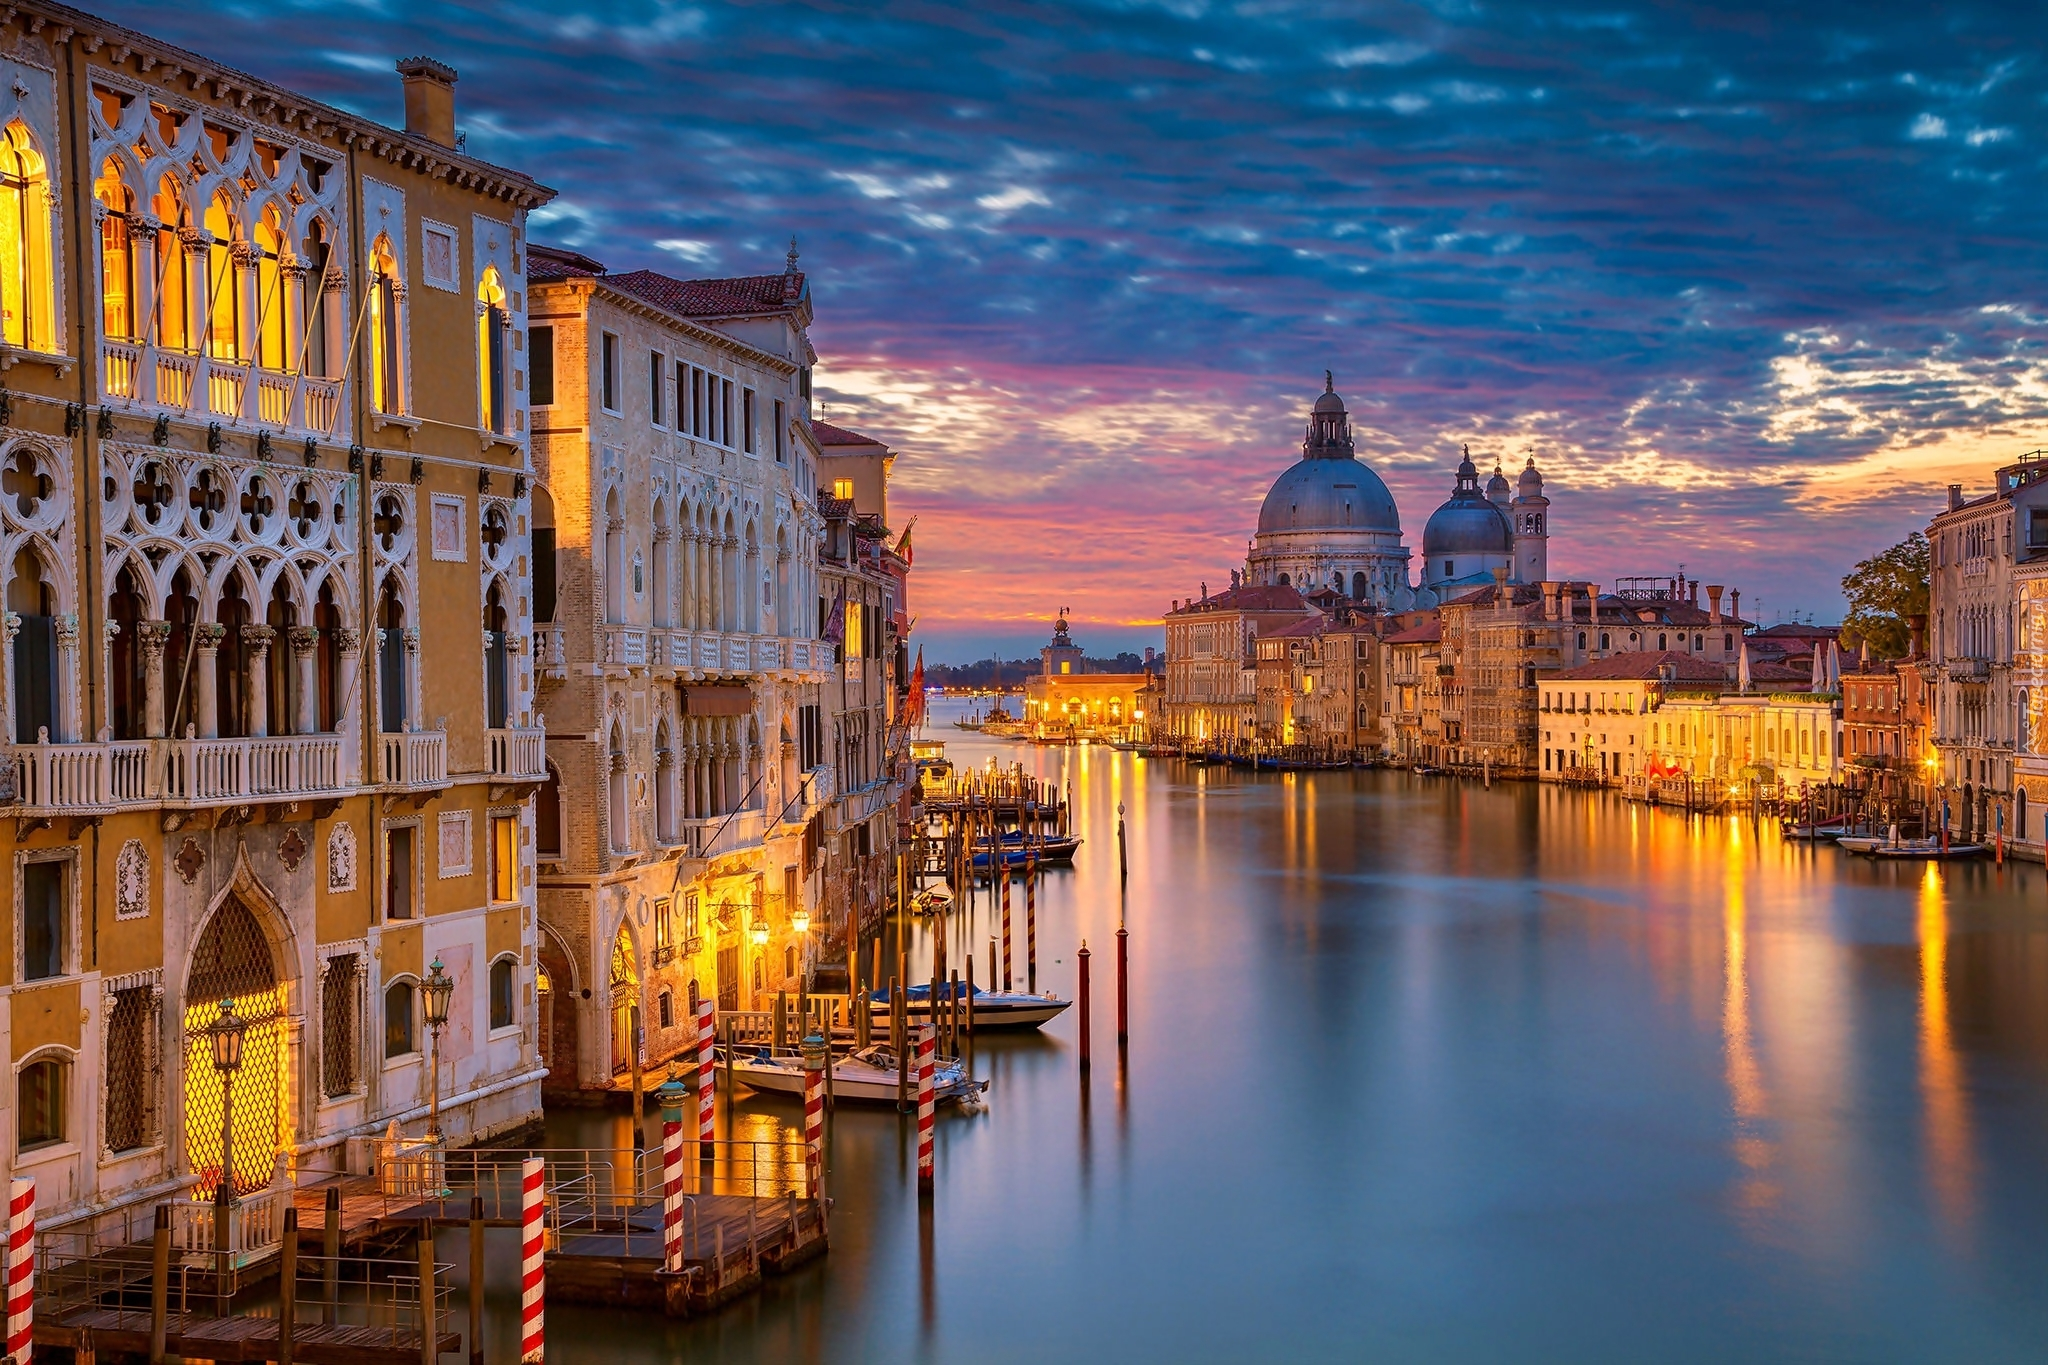 Podróż poślubna Wenecja - zdjęcie 1